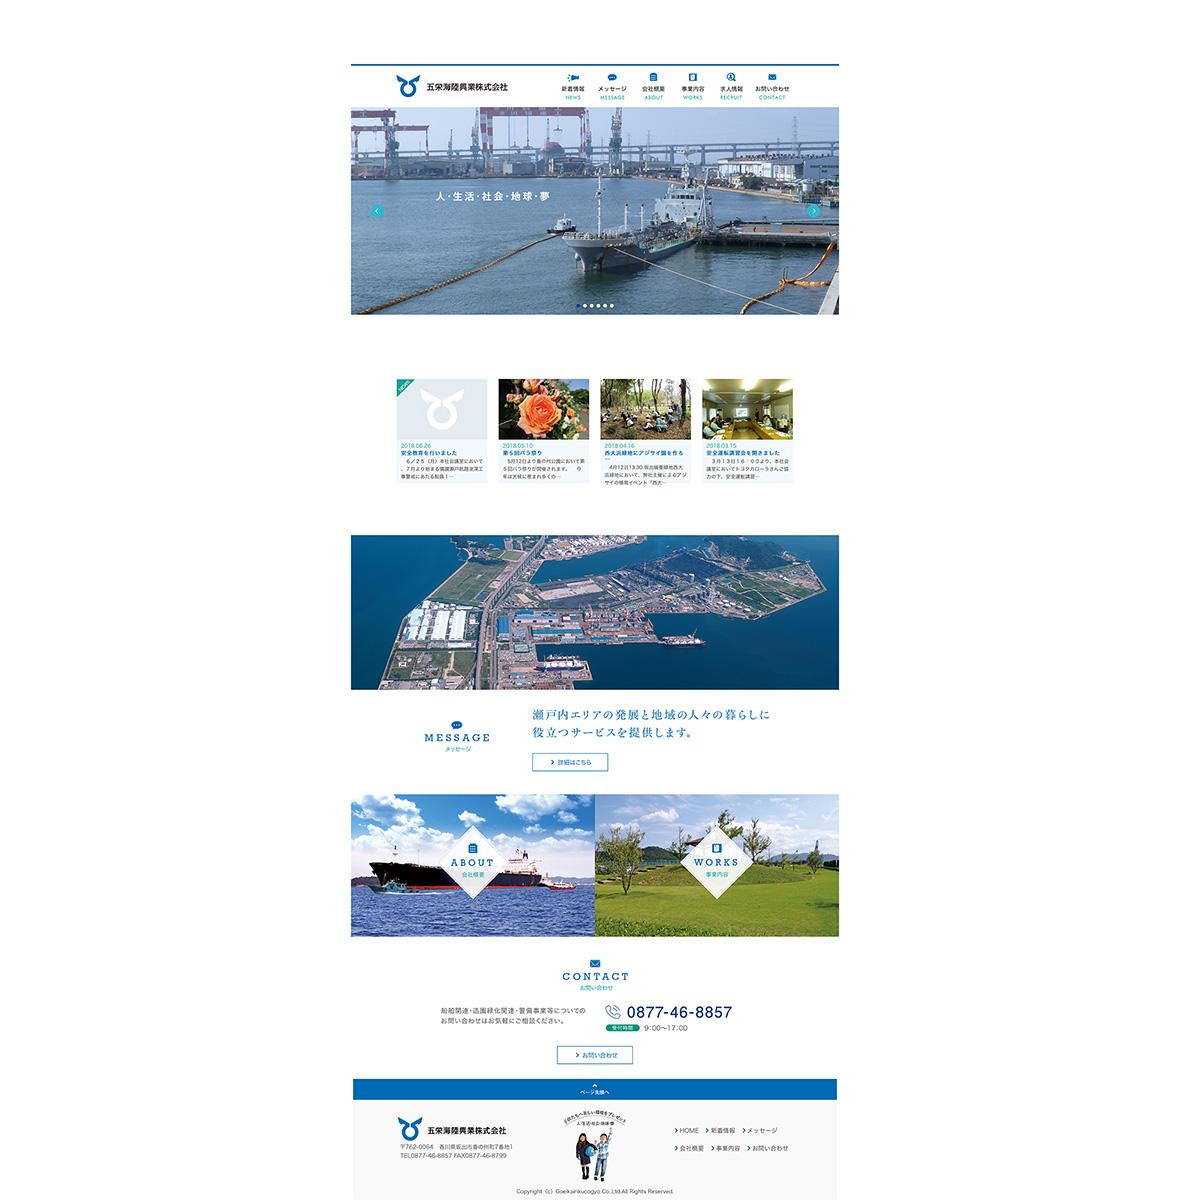 五栄海陸興業株式会社 ウェブサイト